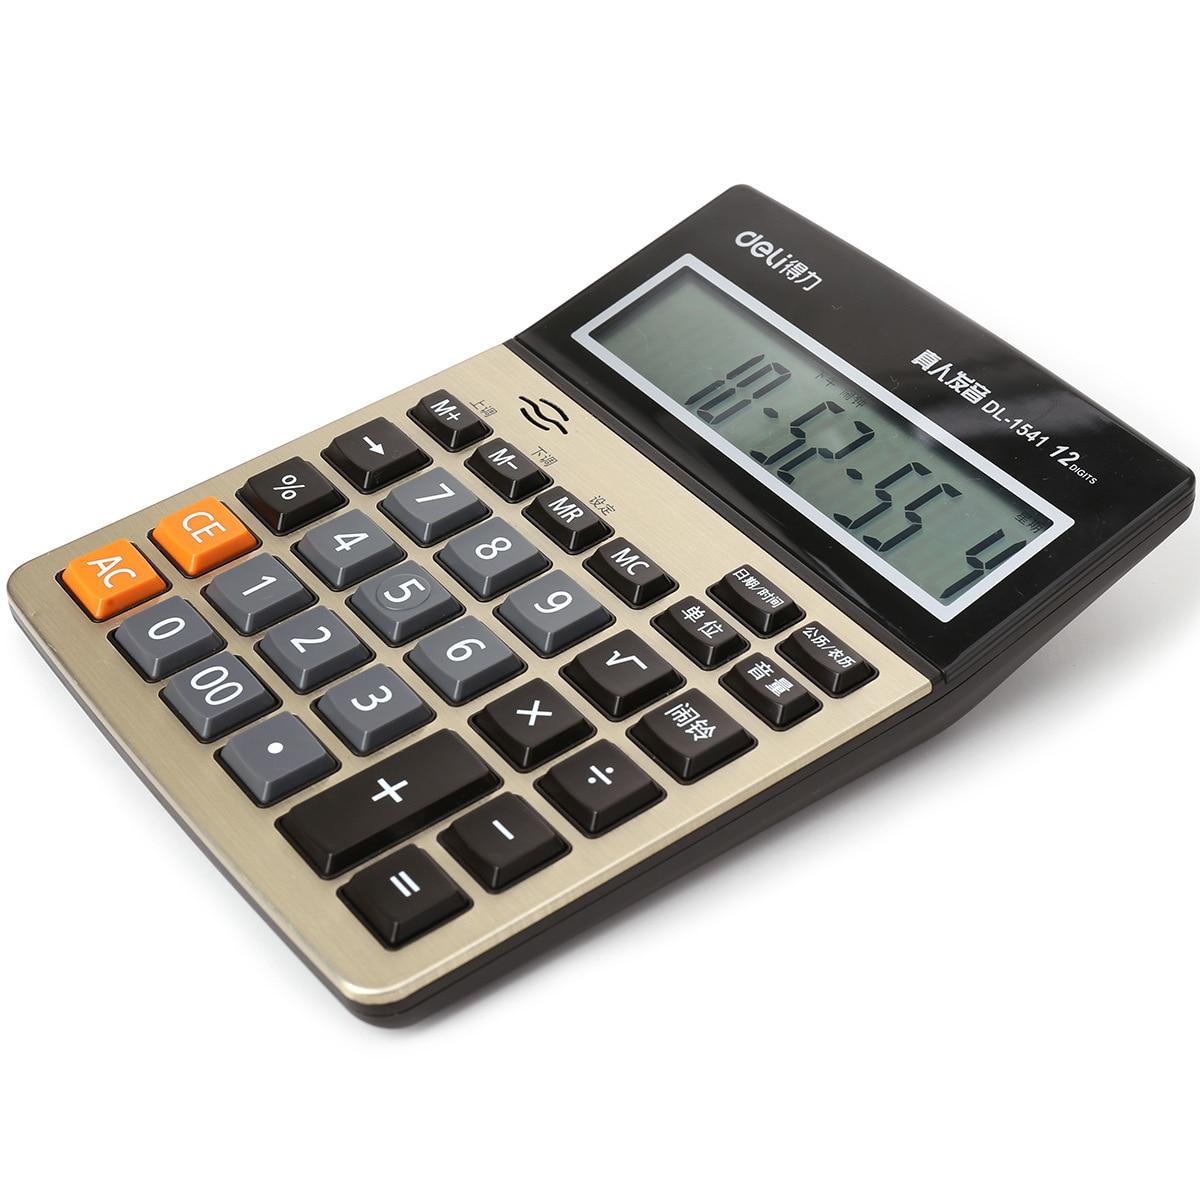 Deli калькулятор арифметика 1541a реальный человек голос металлическая панель большой экран дисплей калькулятор 05020270